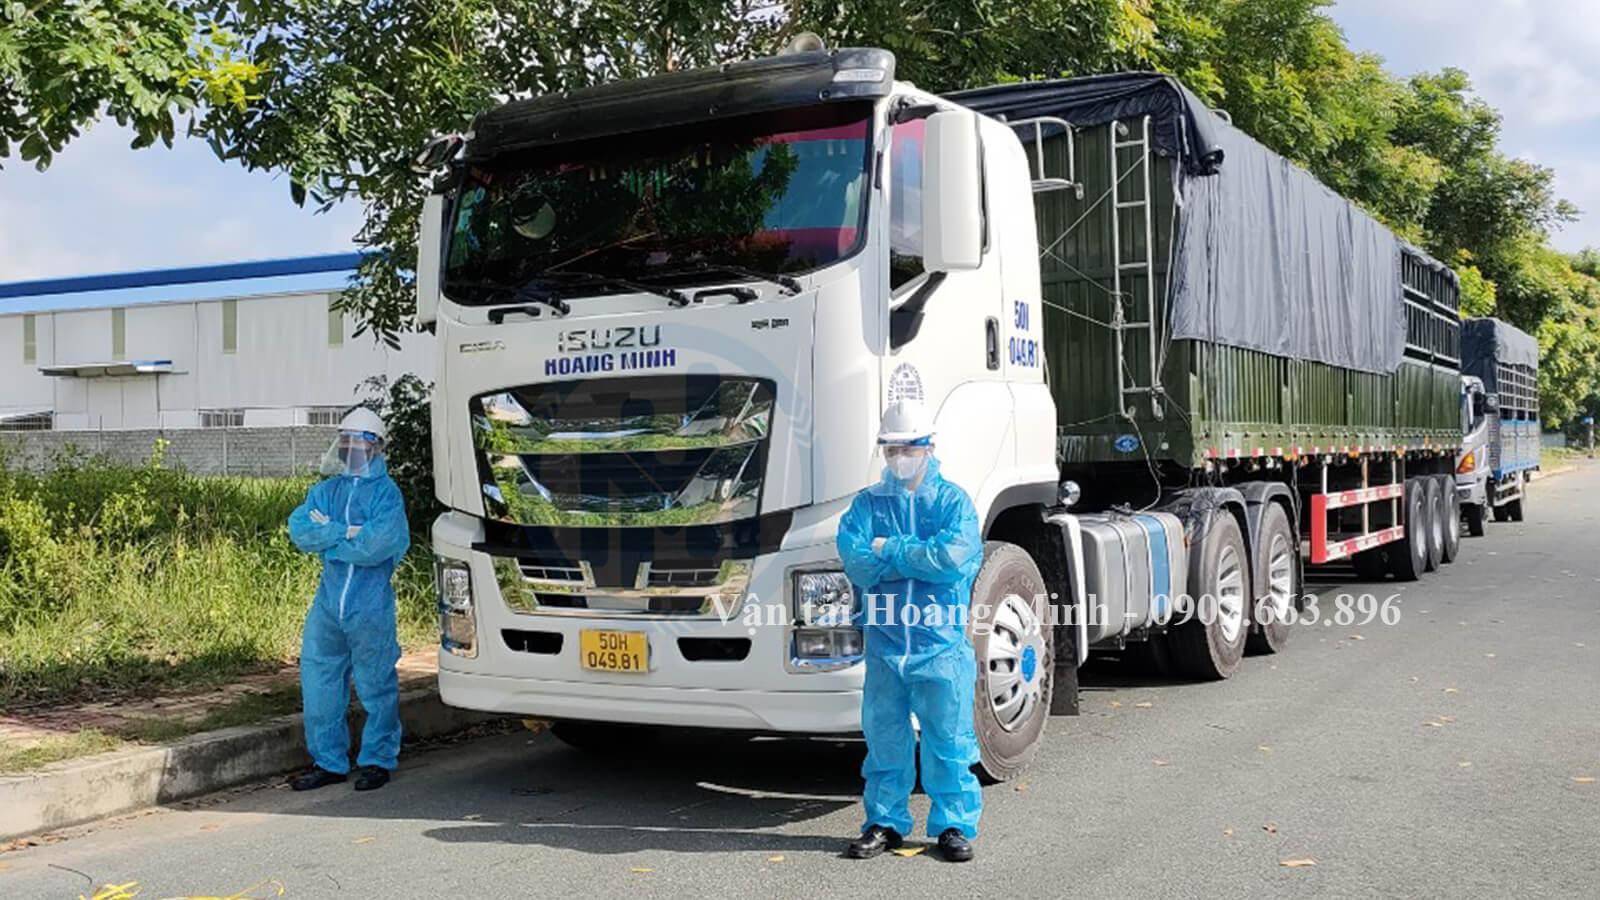 dịch vụ cho thuê xe tải chở hàng của vận tải hoàng minh